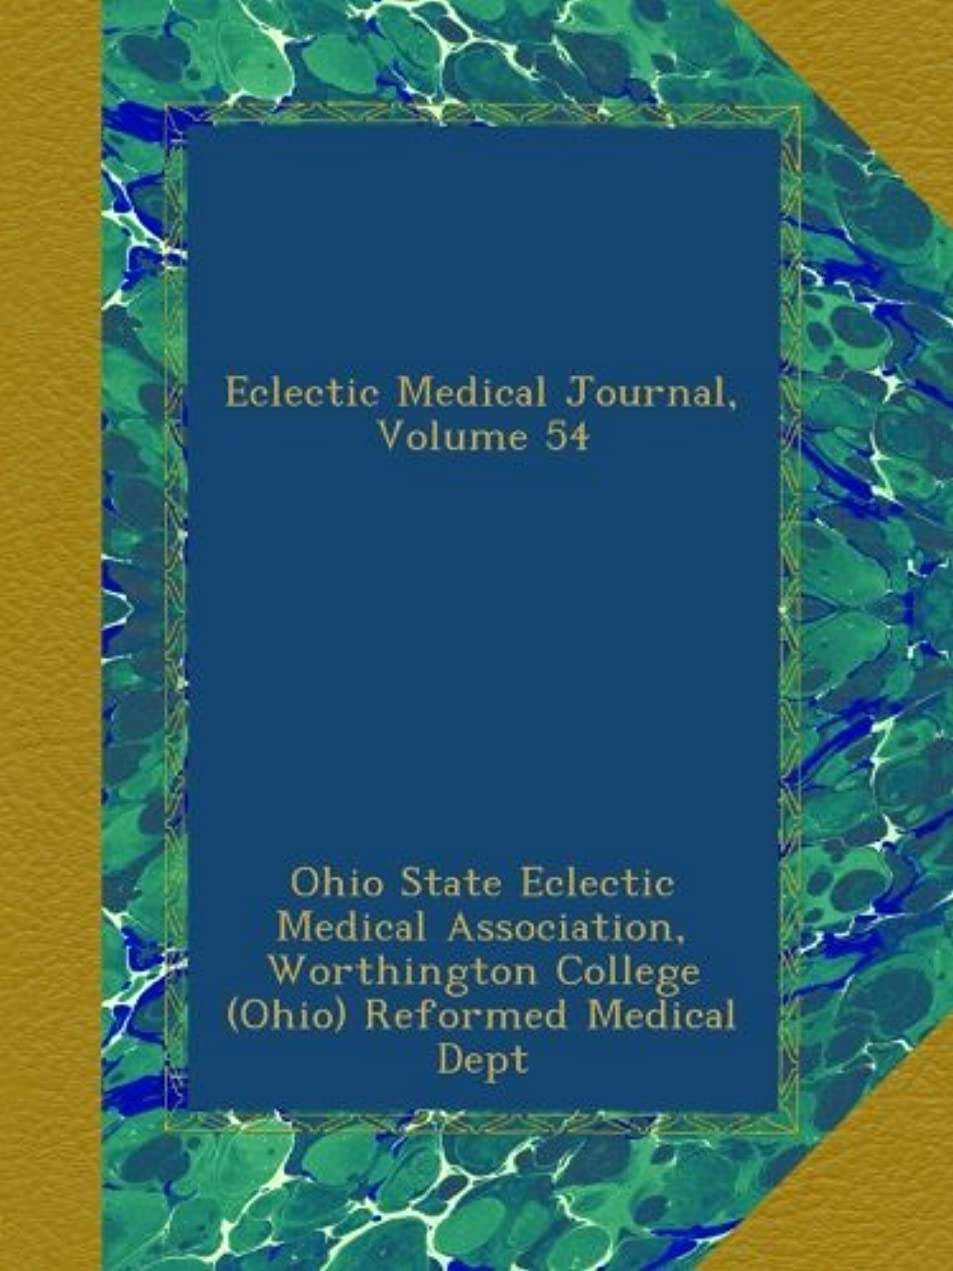 宙返りベルト思われるEclectic Medical Journal, Volume 54